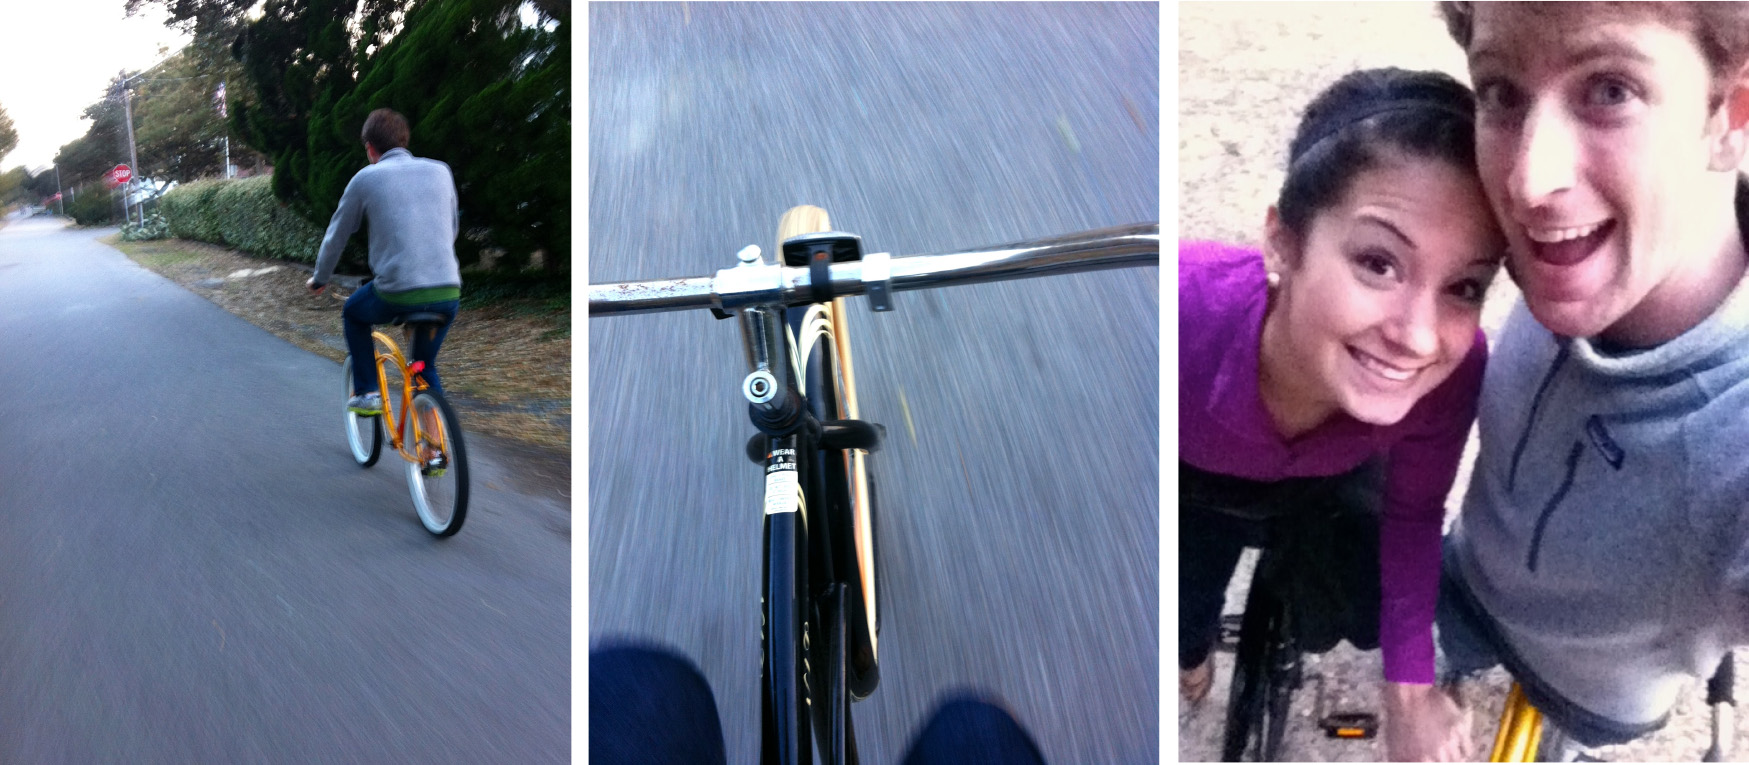 bike ride 2-20-14.jpg